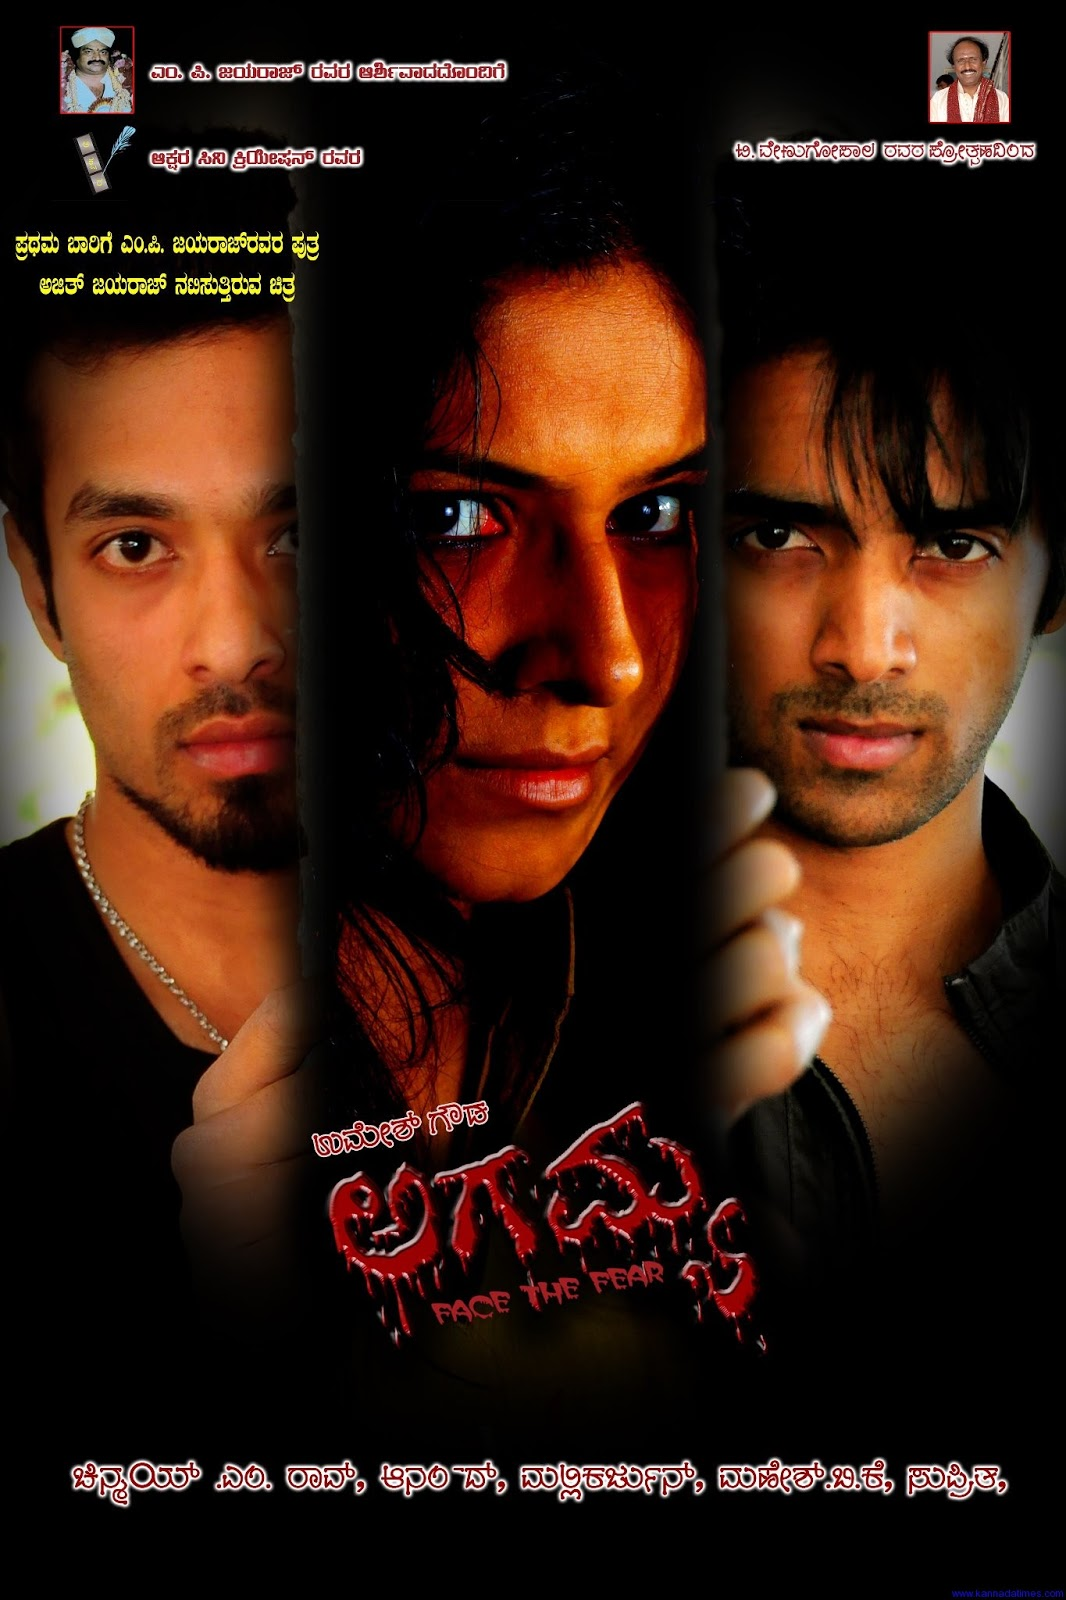 Kannada new movies free download | Kannada Movies - 2019-03-21